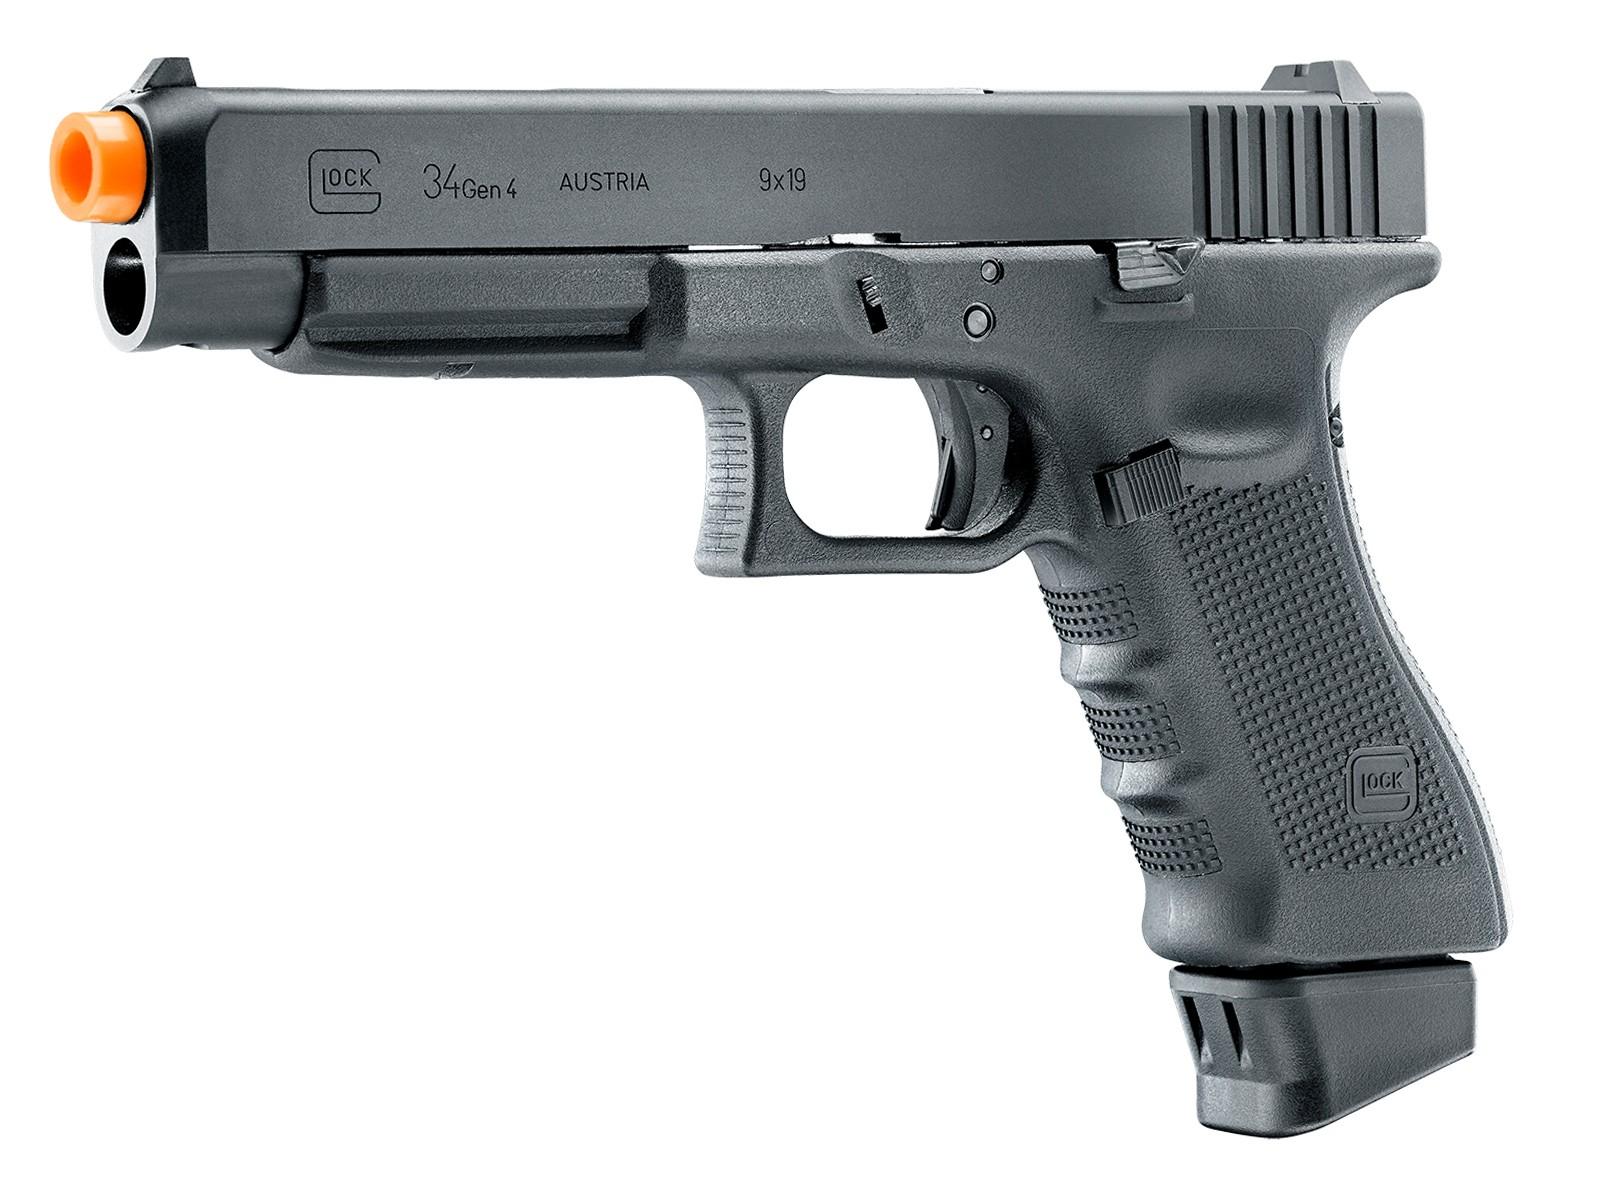 Umarex Glock G34 Gen4 Deluxe CO2 airsoft Pistol, Black